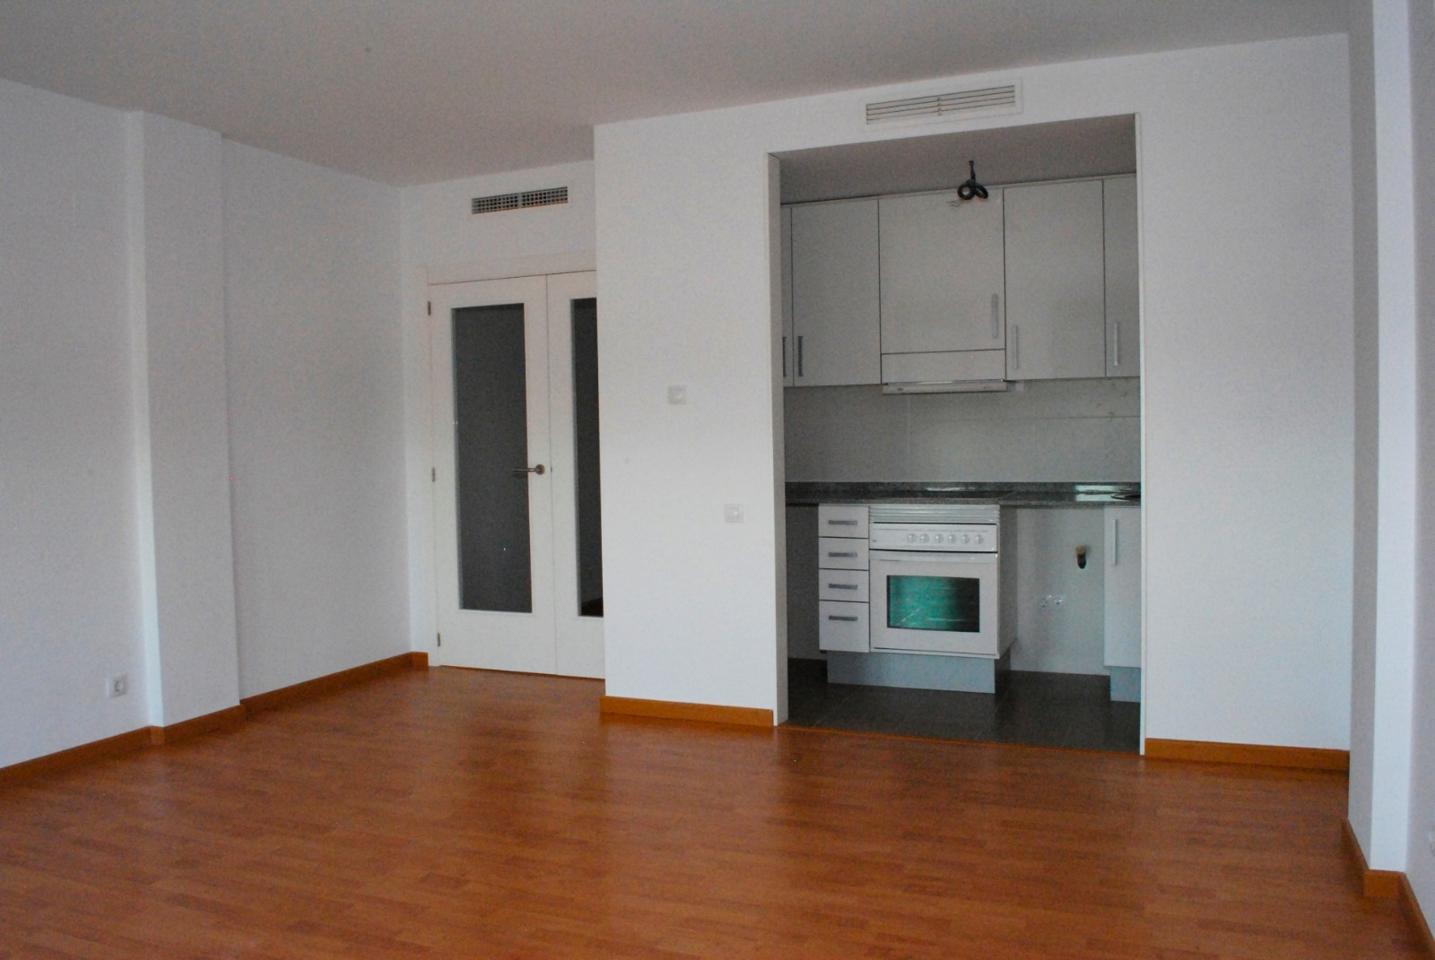 Pis a Villar del Arzobispo. Este piso se encuentra en benaguacil, valencia, en la planta 1.